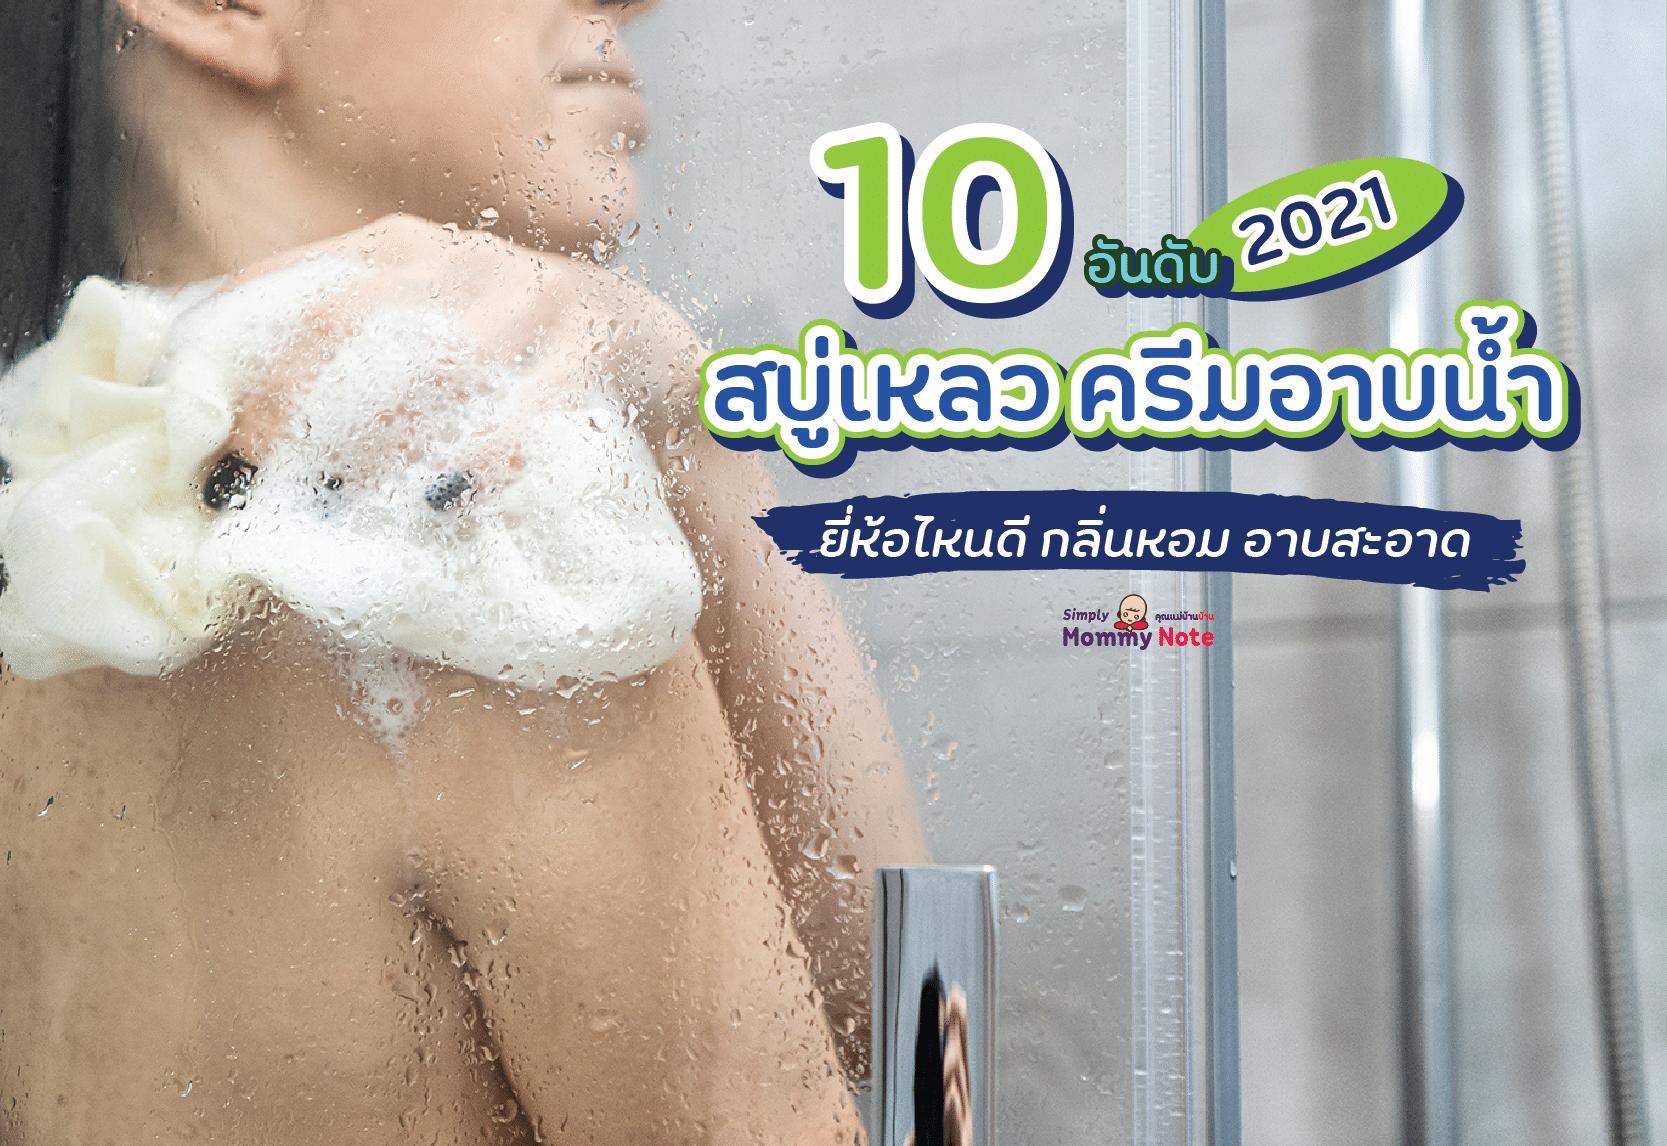 10 อันดับ สบู่เหลว ครีมอาบน้ำ ยี่ห้อไหนดี 2021 กลิ่นหอม อาบสะอาด